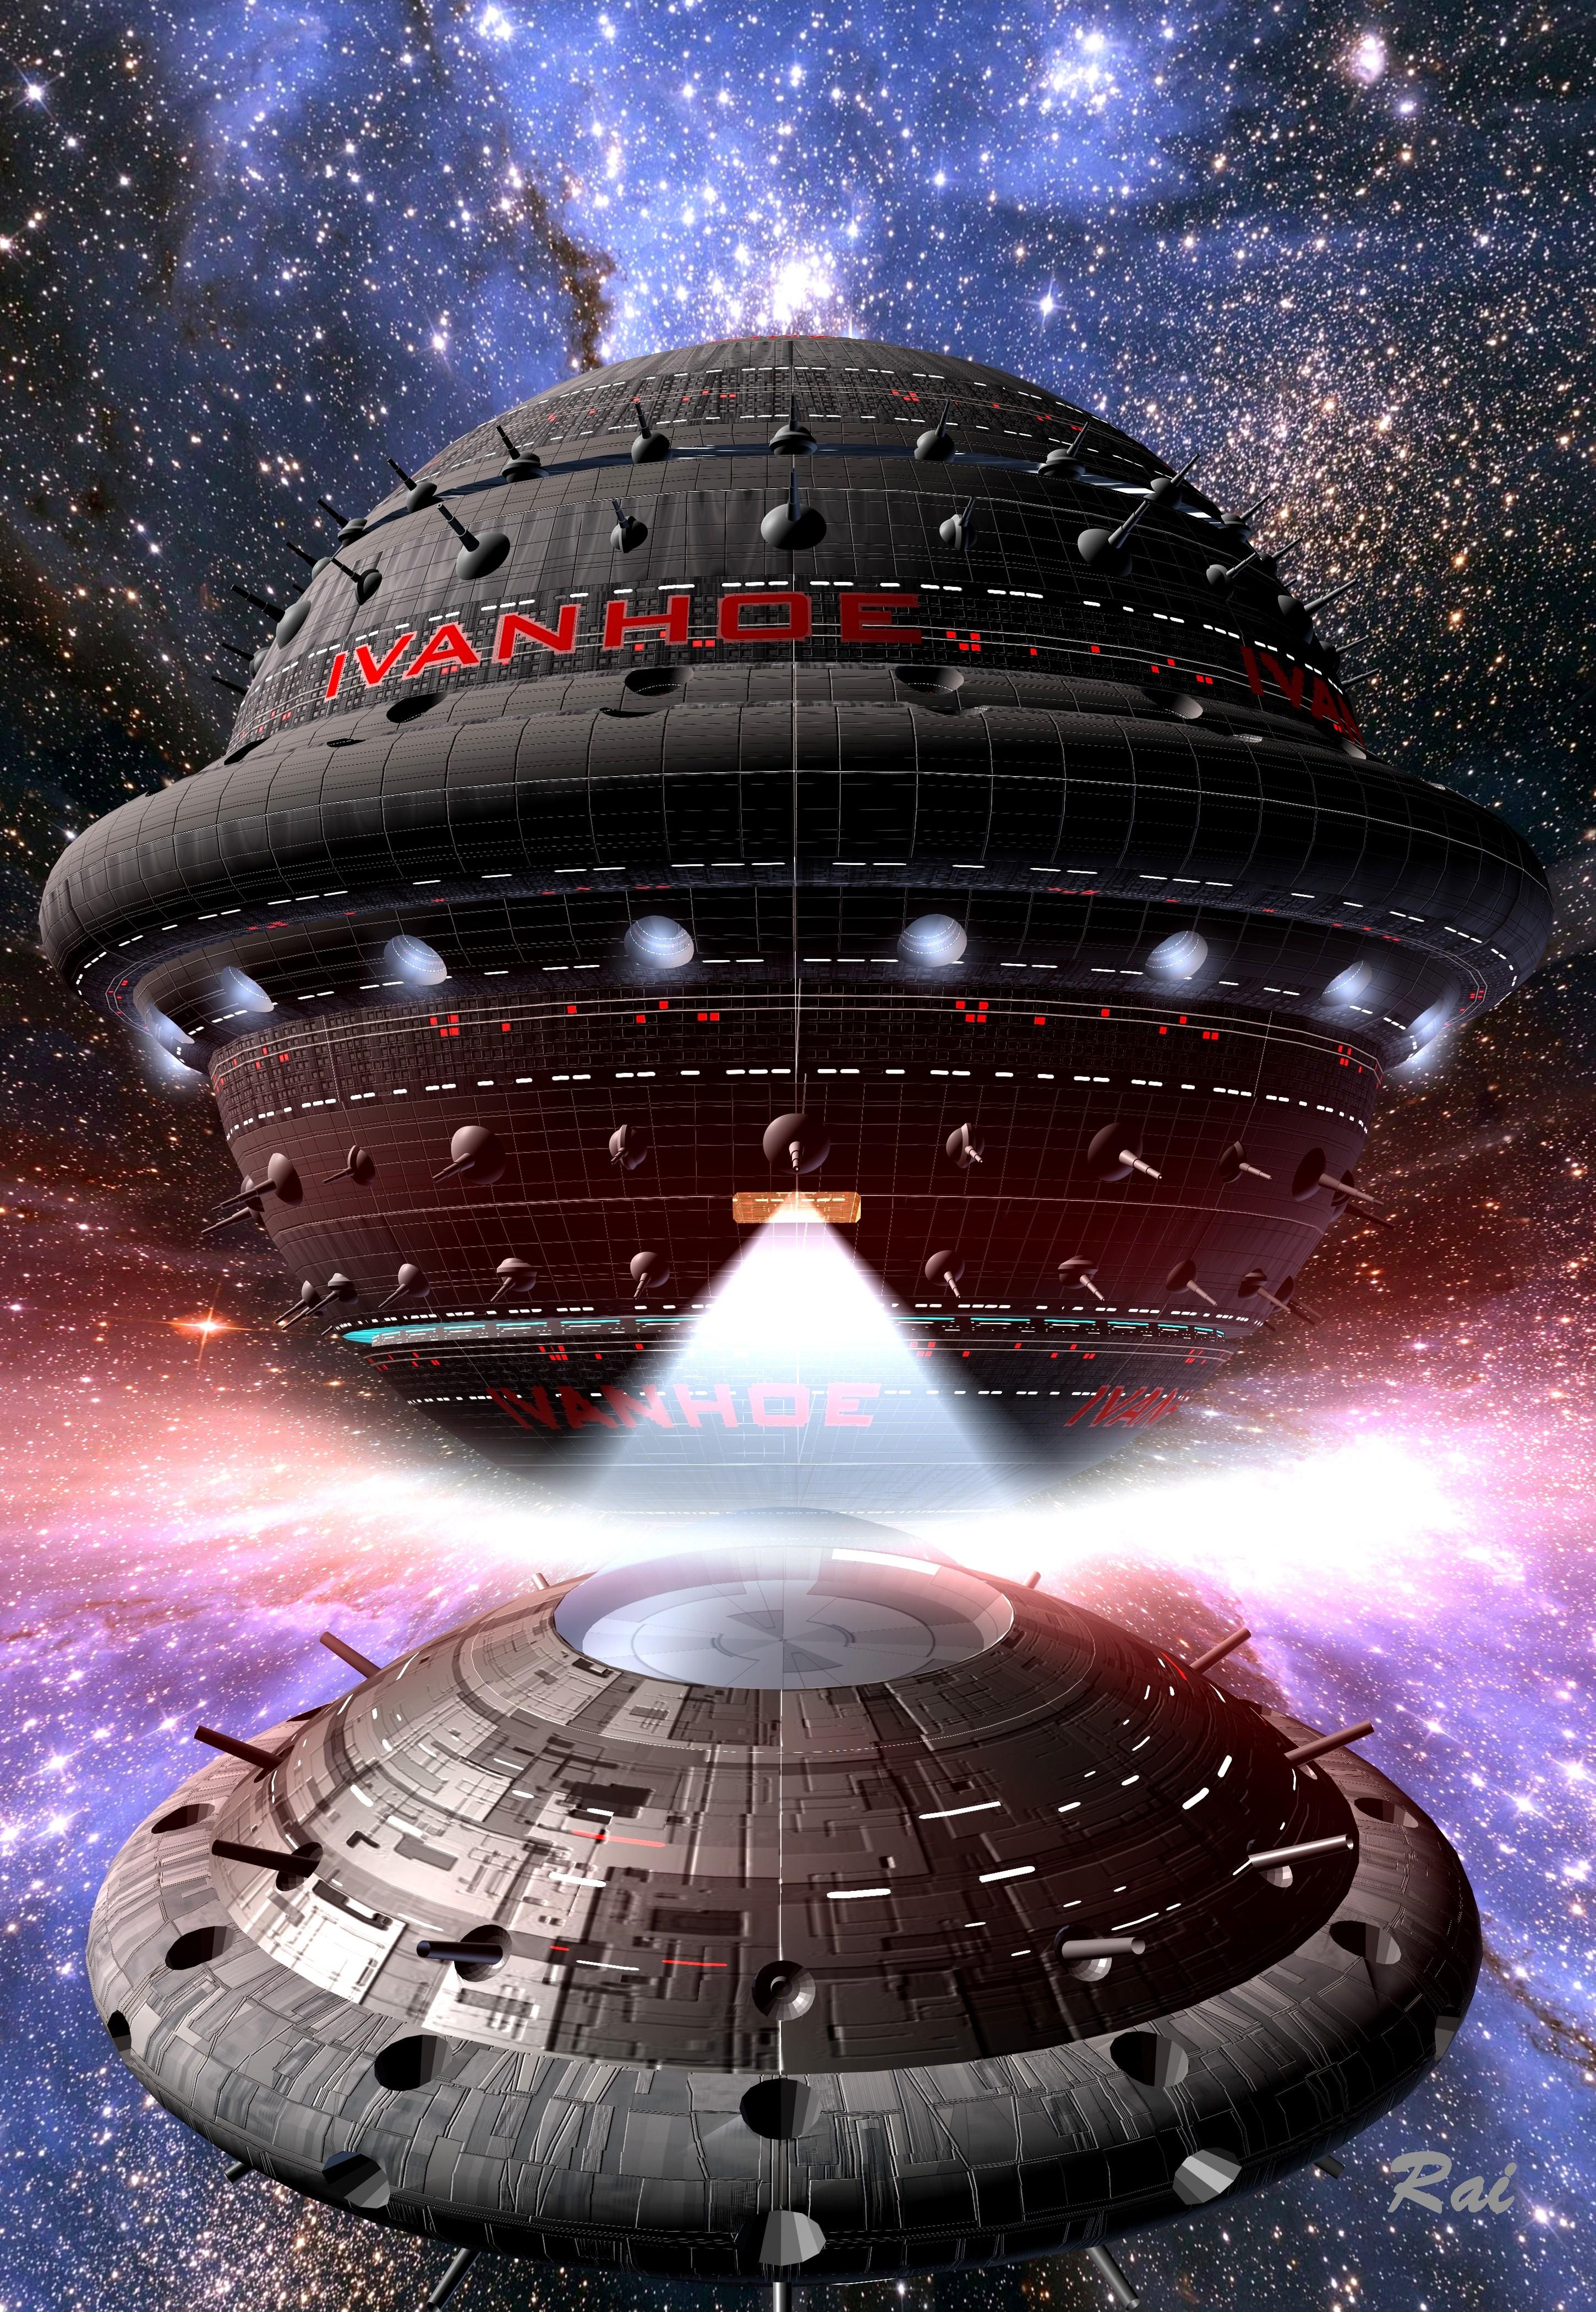 Die IVANHOE, Raumschiff der Liga Freier Terraner unter dem Kommando von Xavier Jeamour.